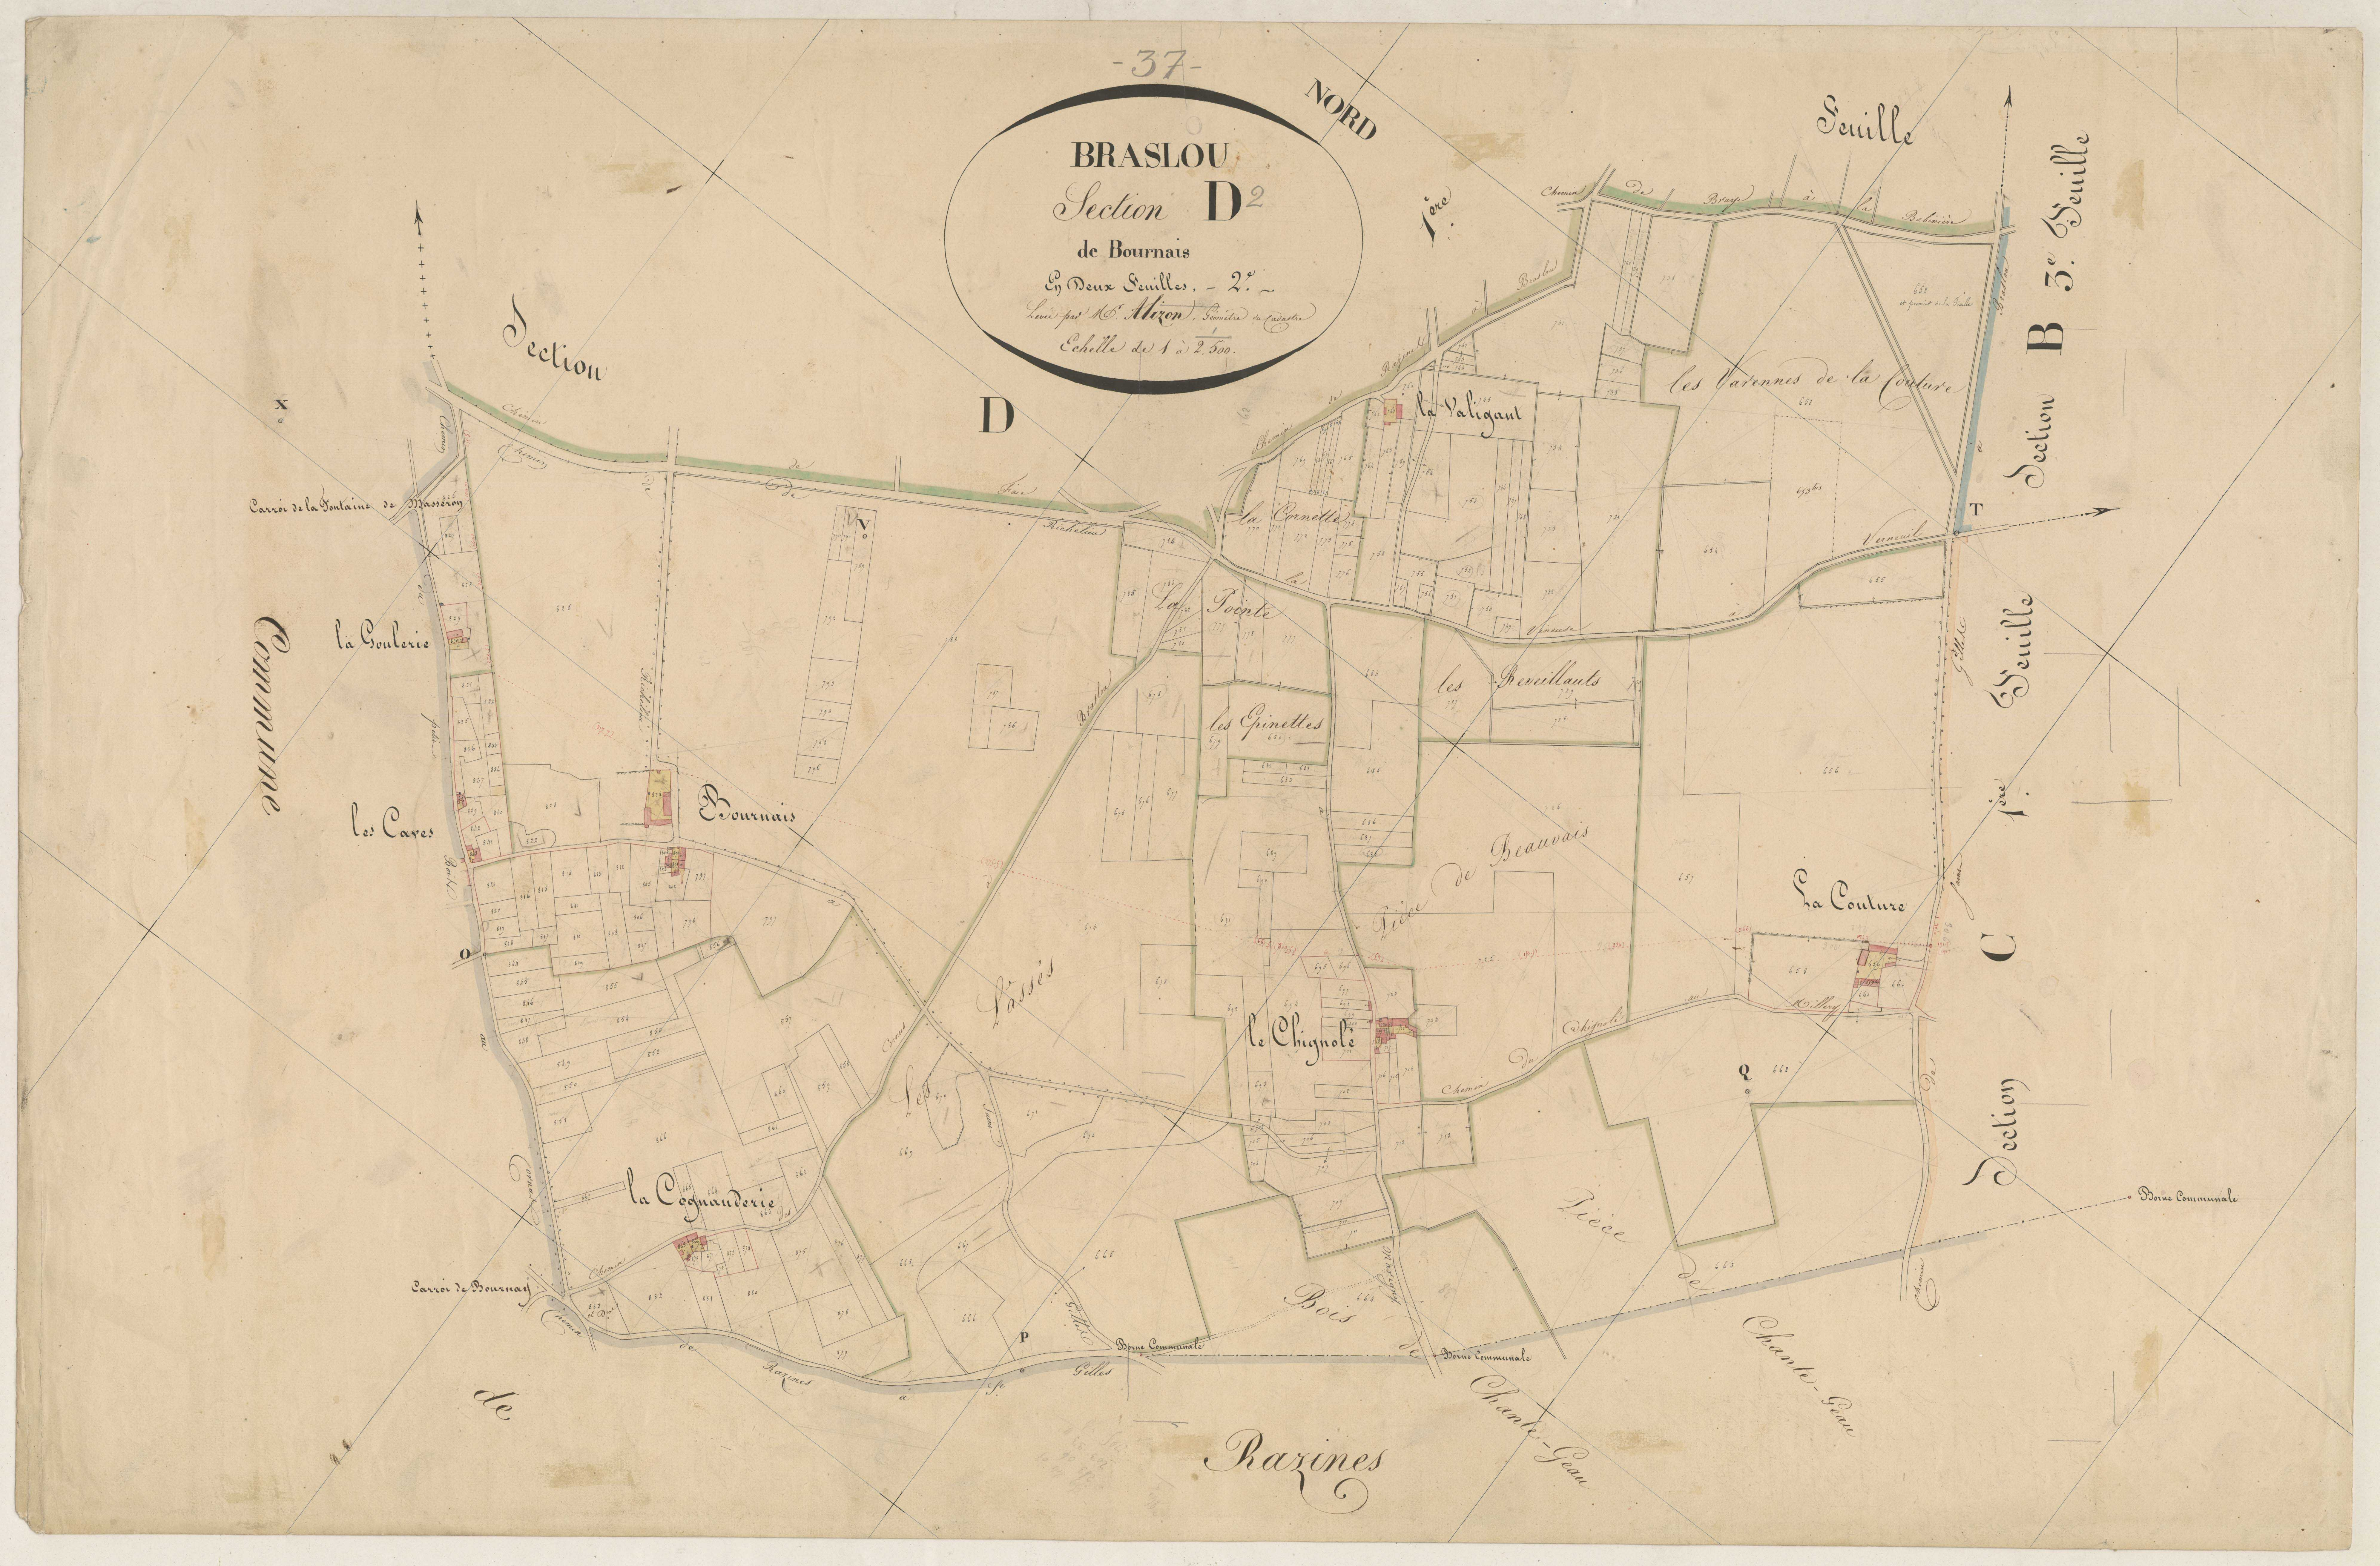 Section D2 de Bournais